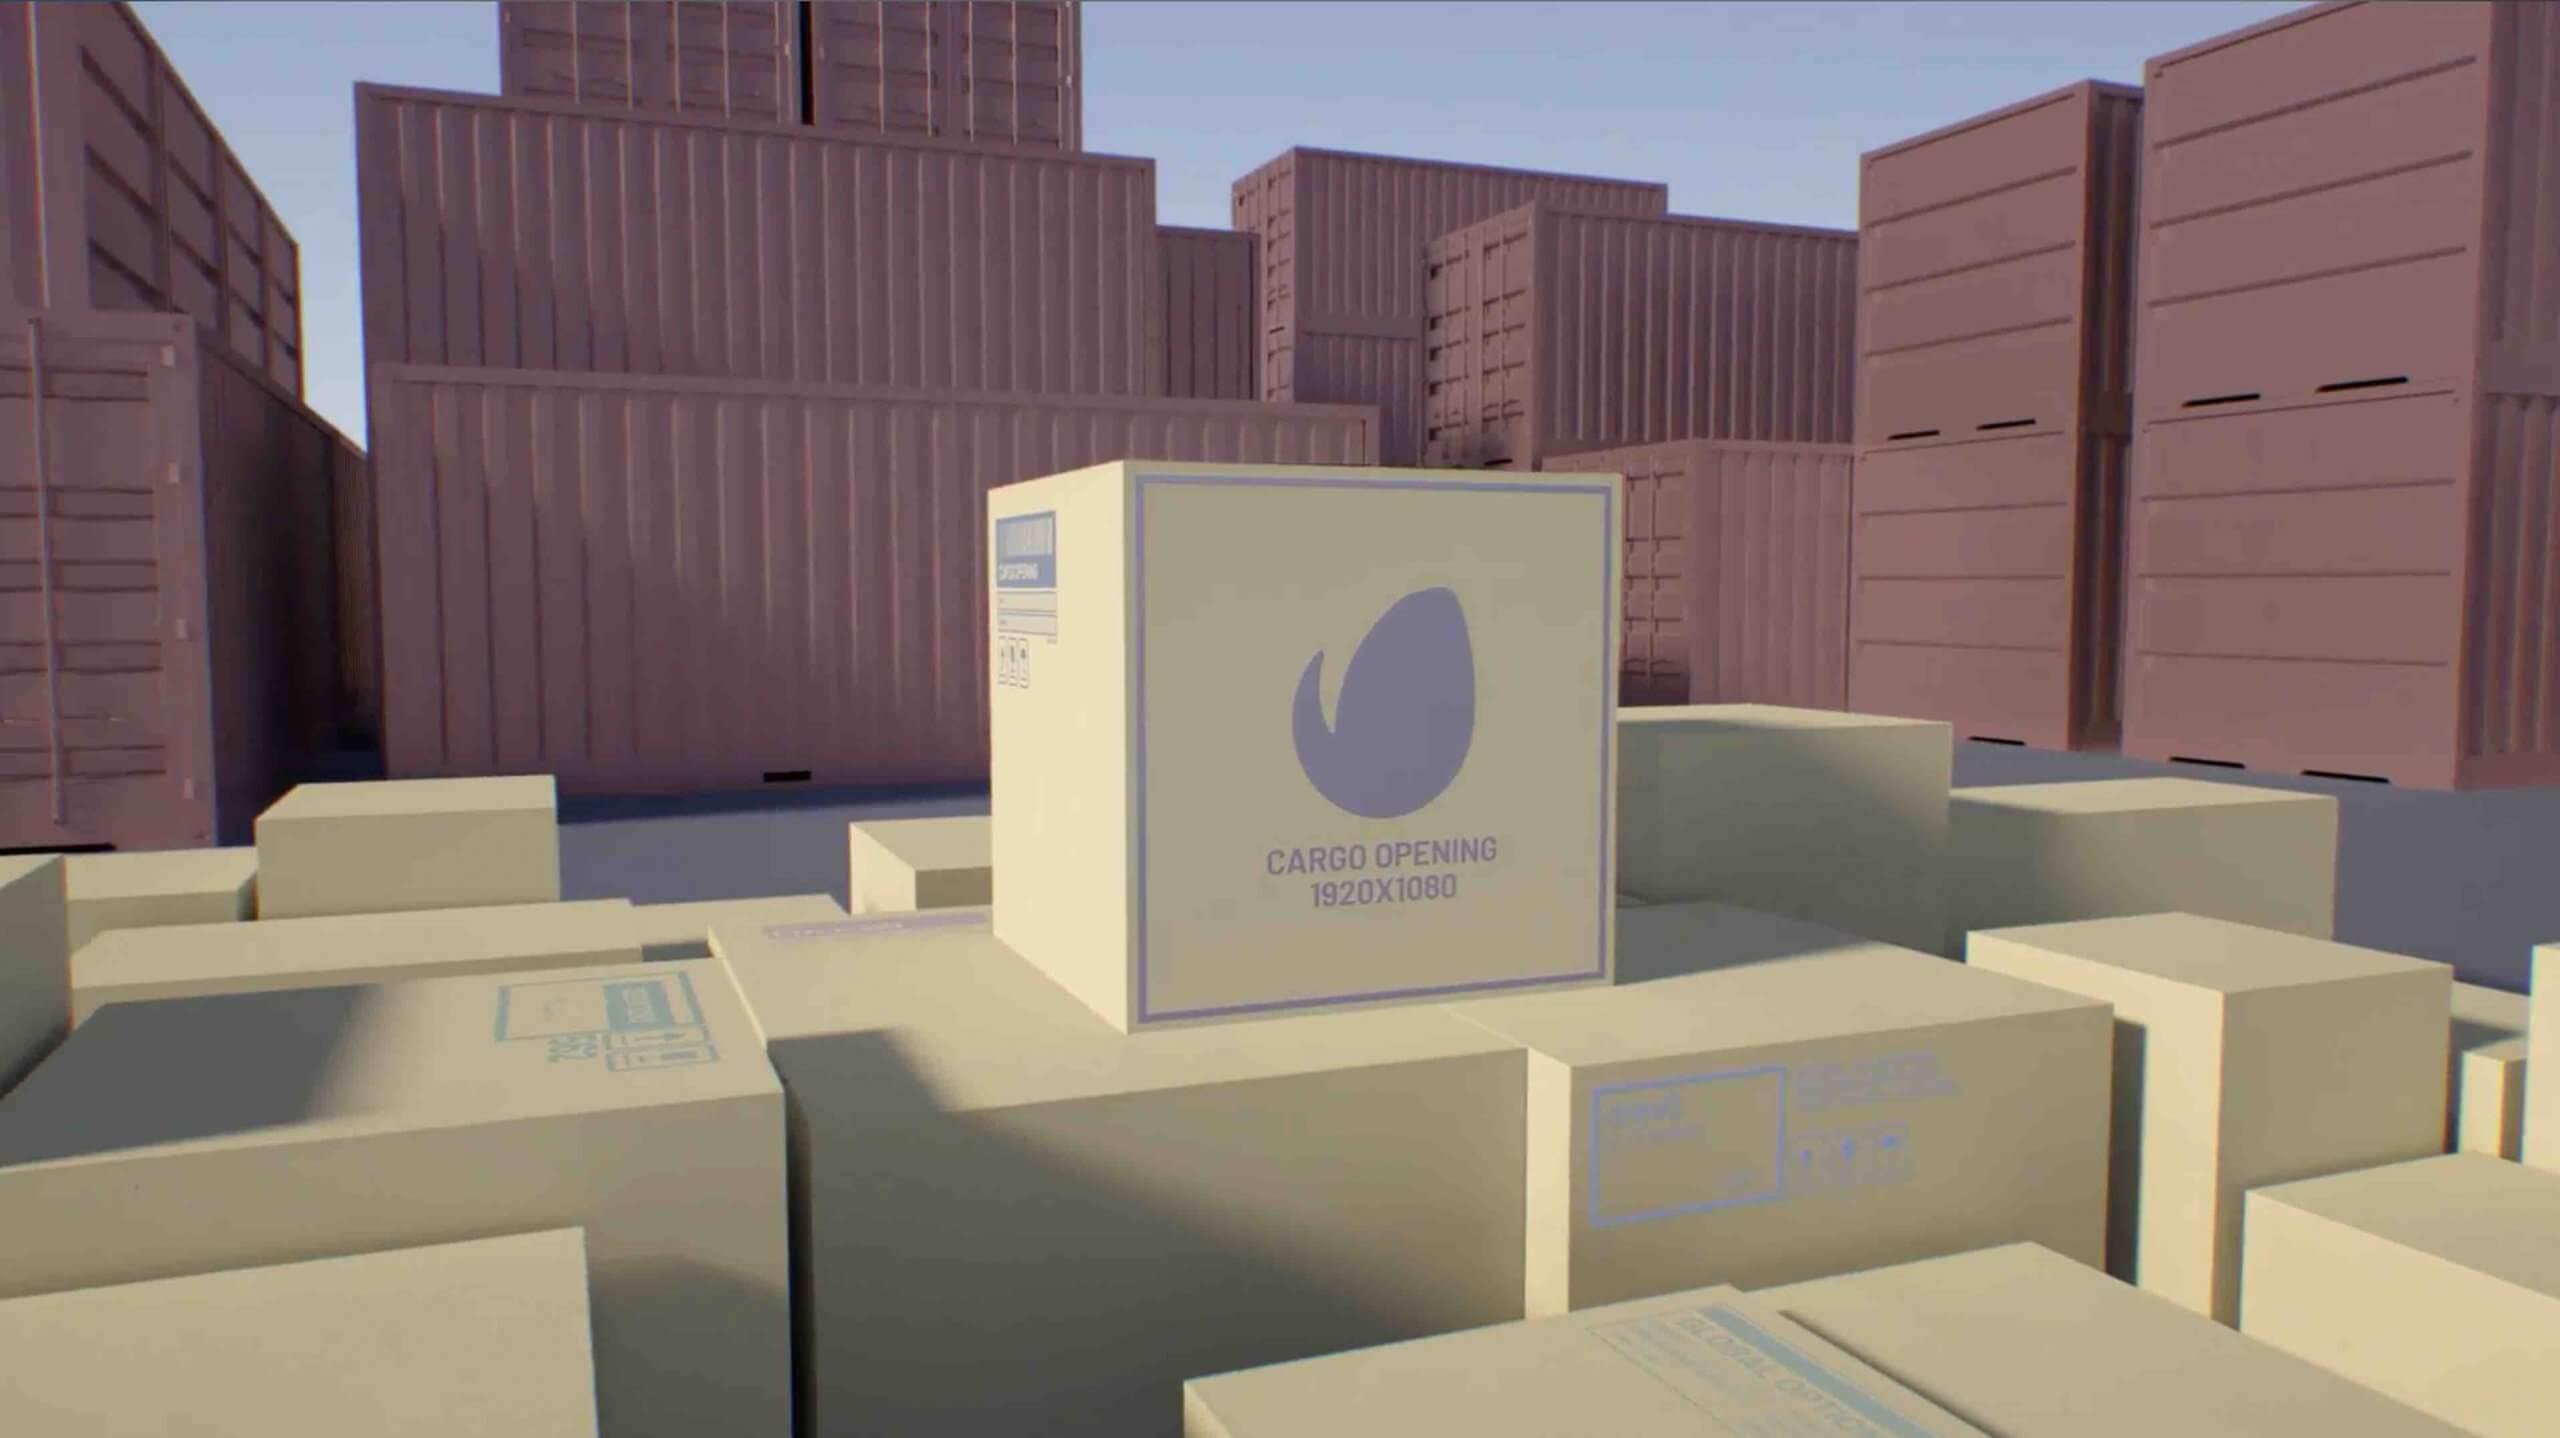 AE模板-货物开仓/运输/集装箱运输/卡车运输/Сourier/快速交货/ APP插图1